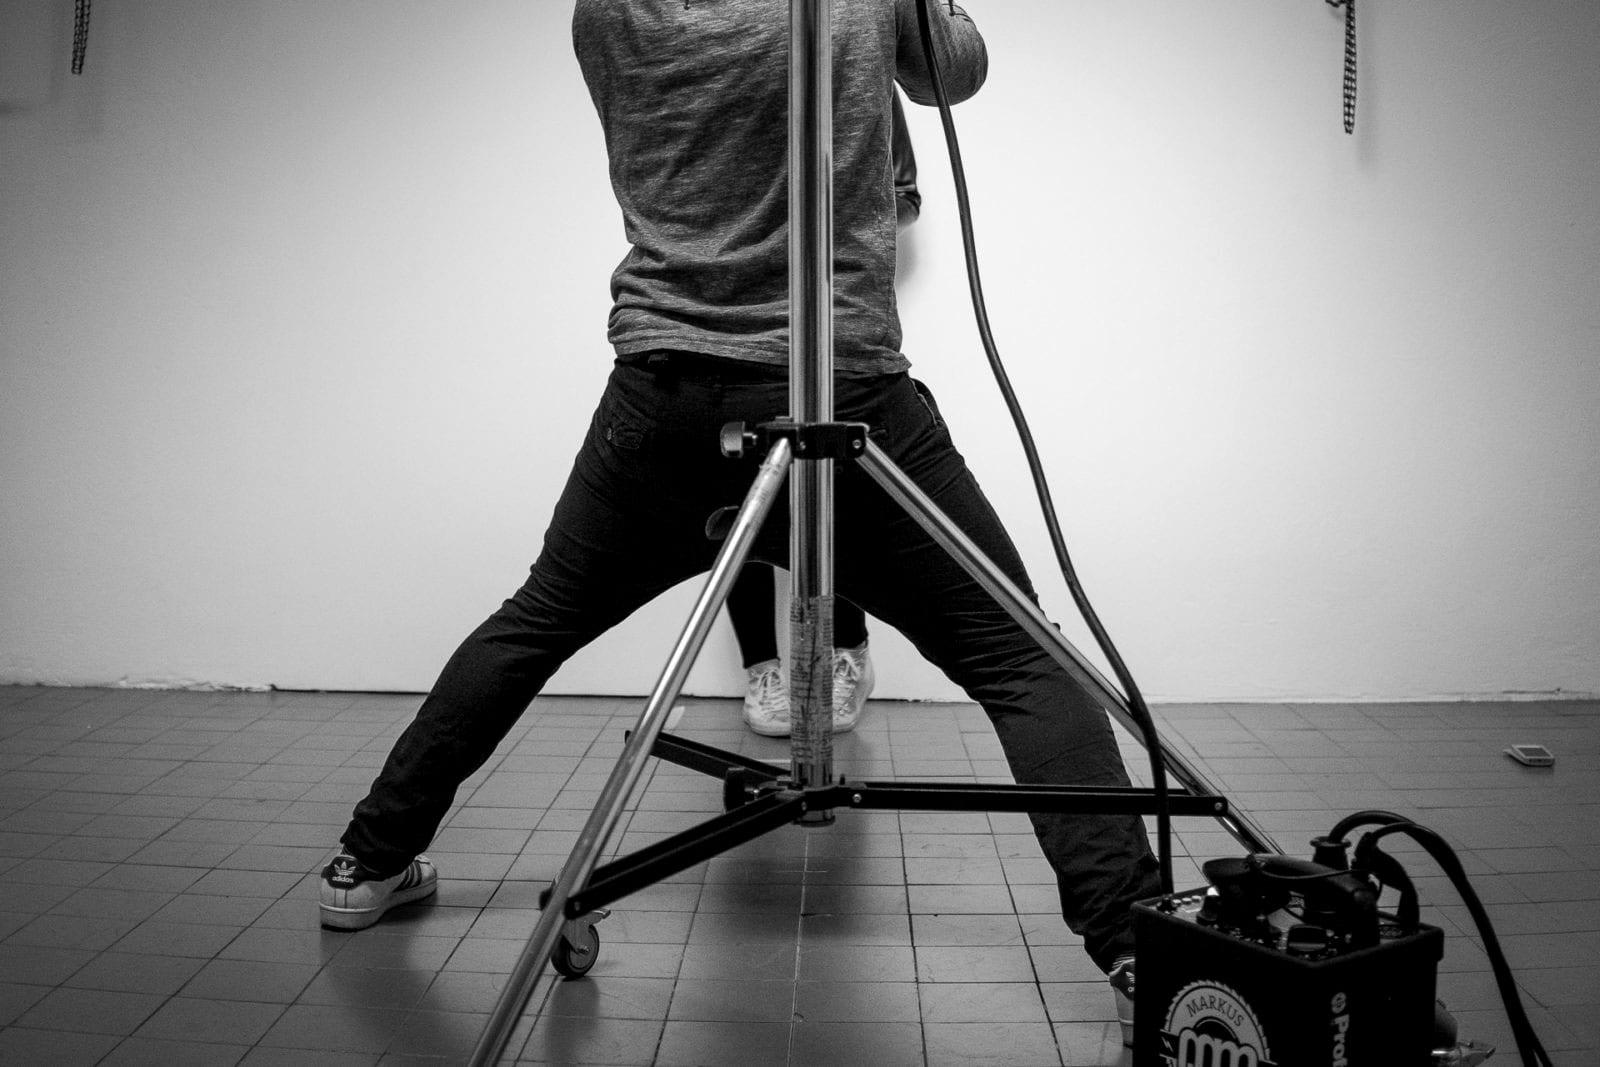 Fotograf Markus Mielek bei seiner Arbeit im Fotostudio in Dortmund